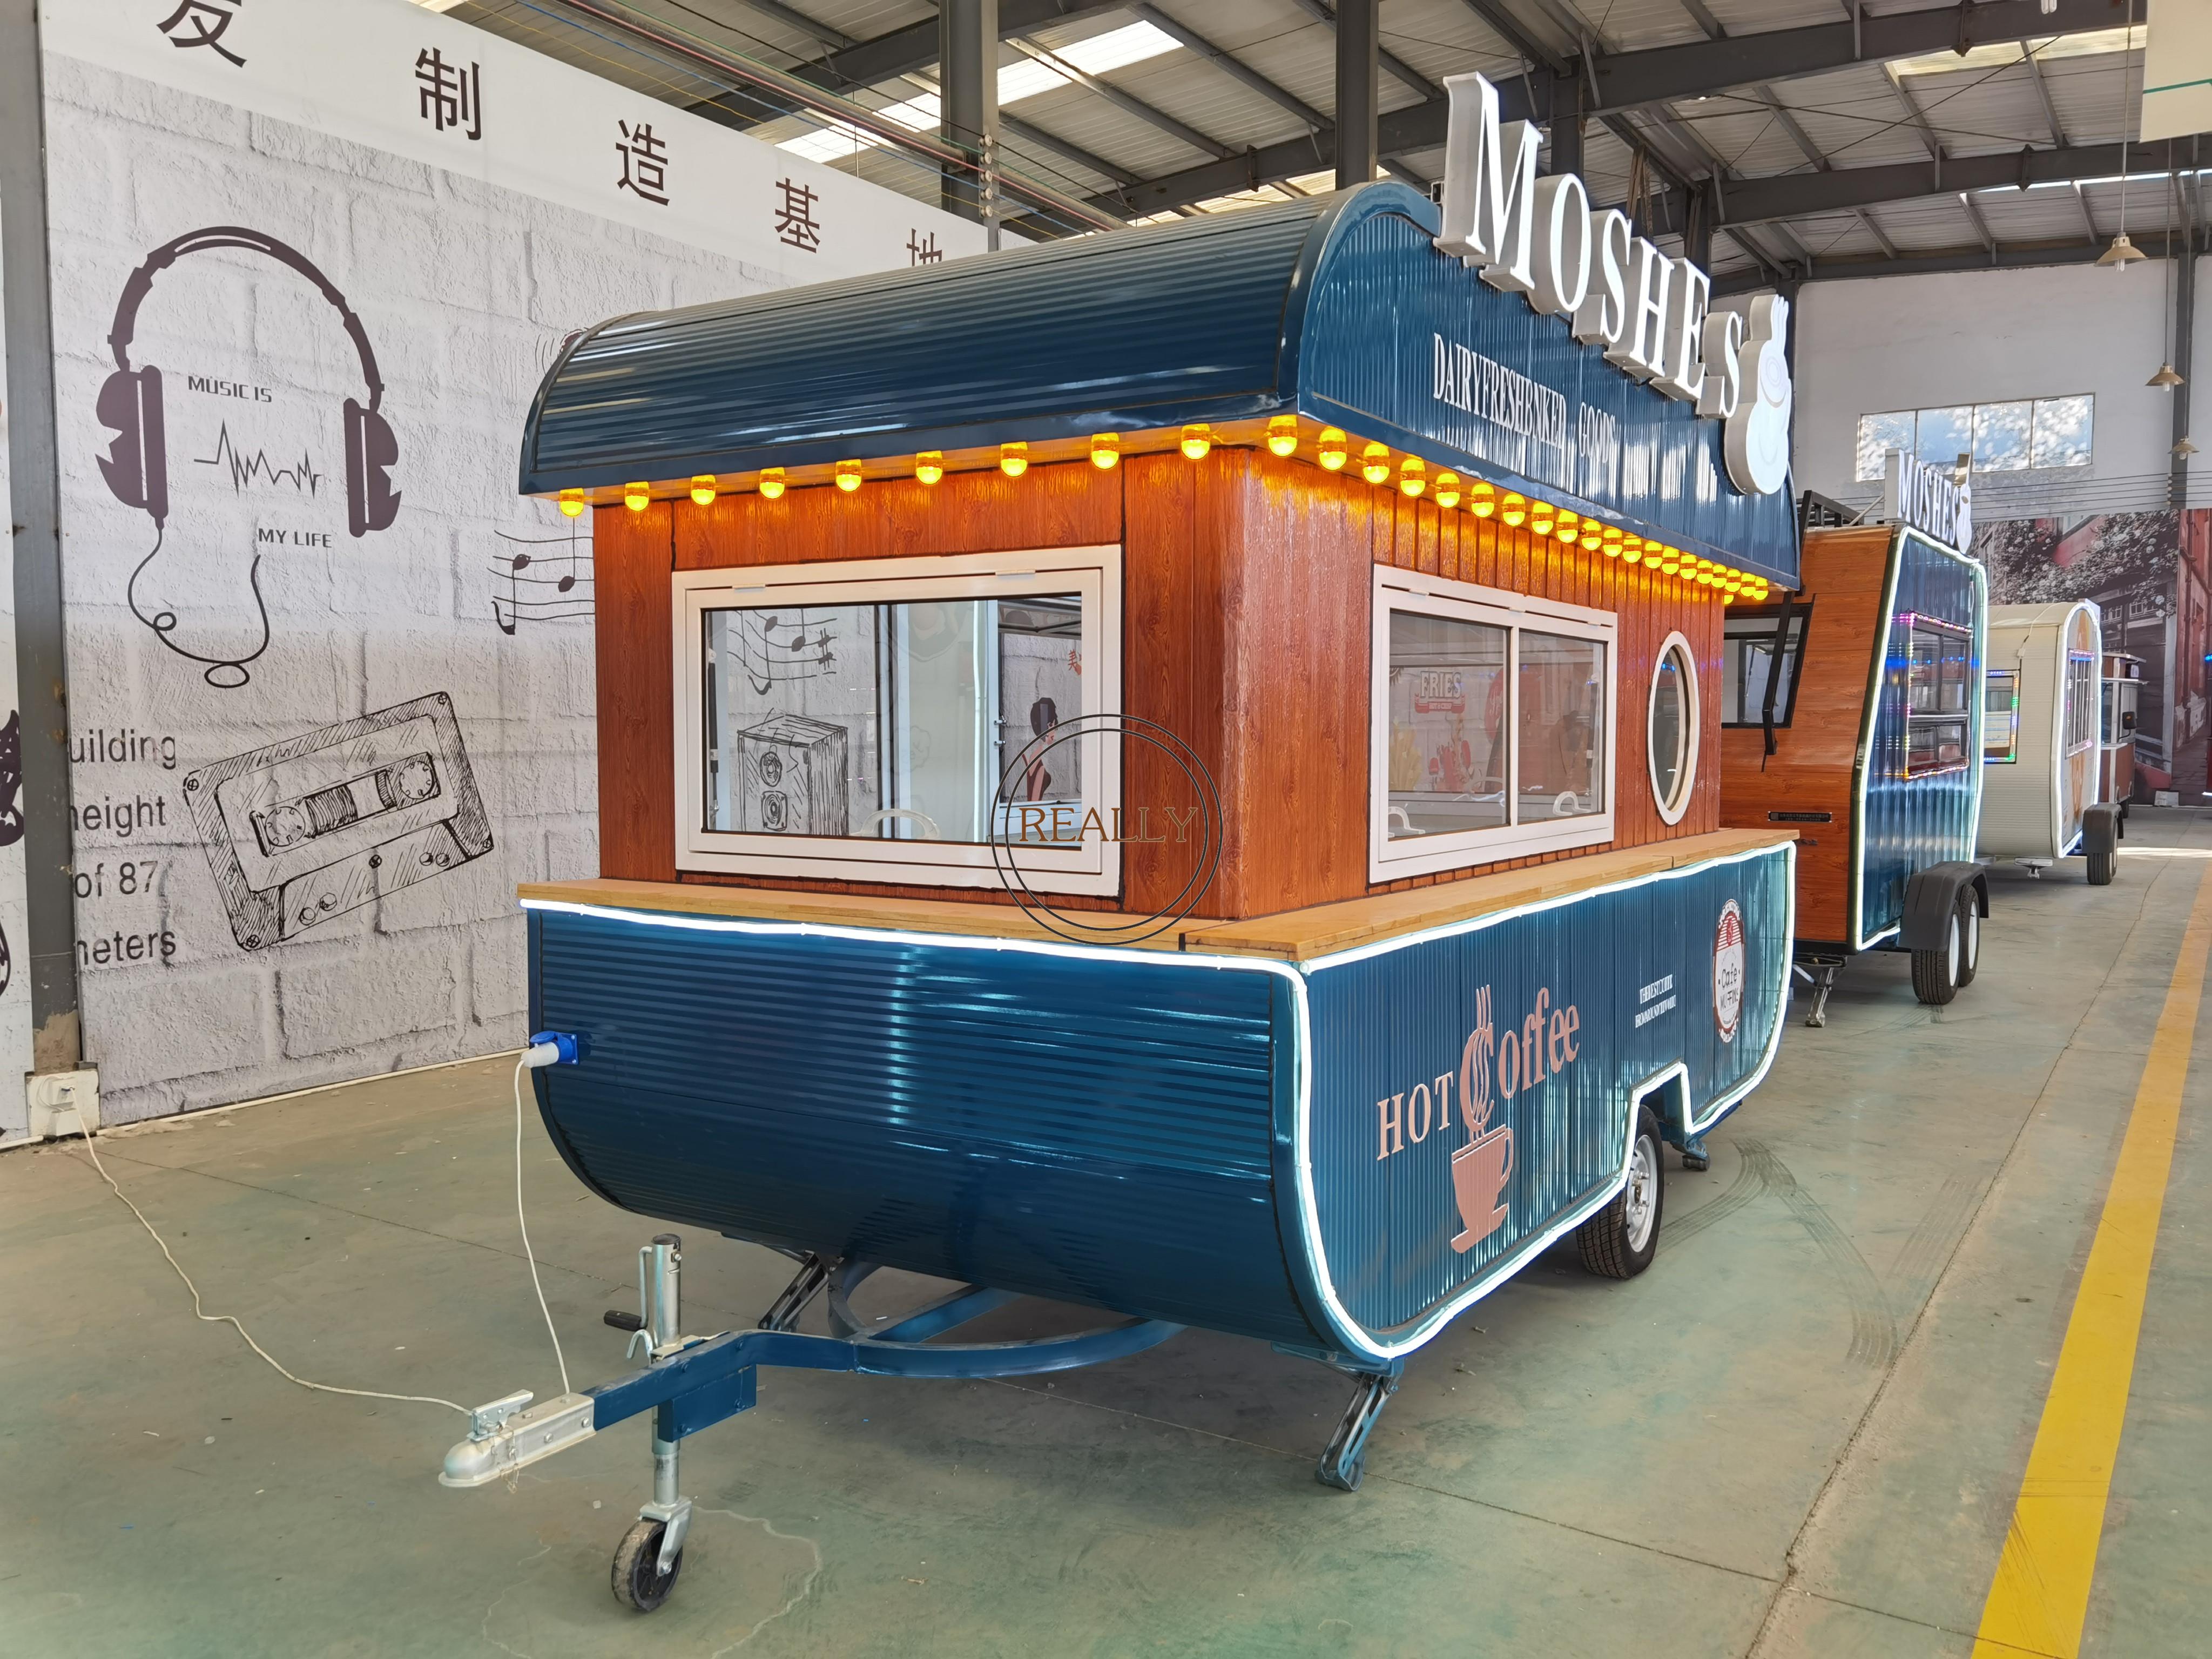 Мобильная тележка для еды, грузовик в форме корабля для мороженого, многофункциональный уличный трейлер для хот-догов, автомобиль для кейтеринга, фаст-фургон, цена на продажу